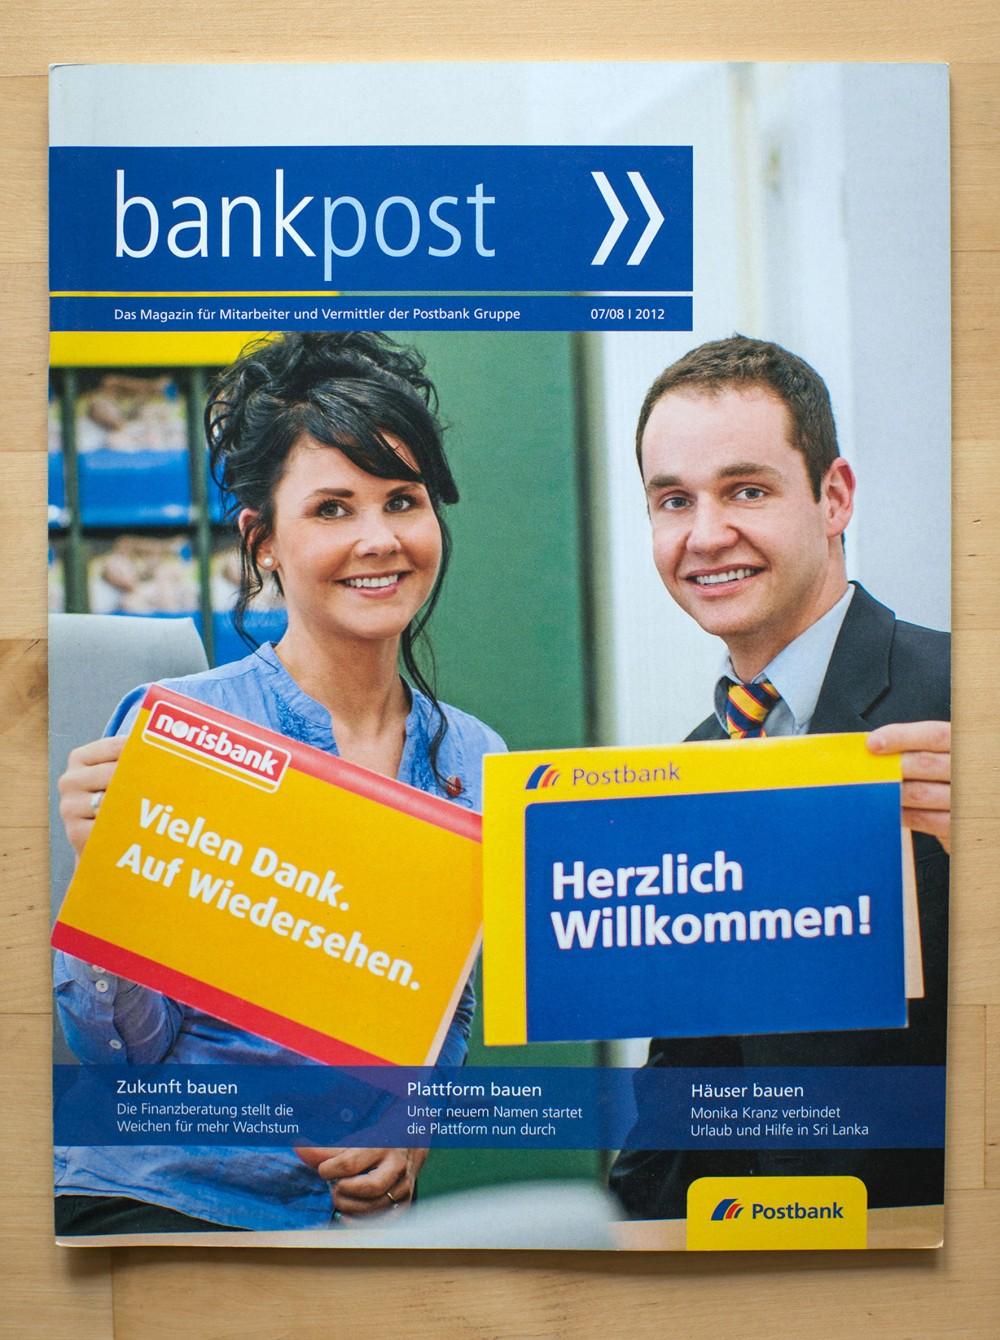 """Titelmotiv mit Postbank-Angestellten aus Gera/Thüringen auf einem Cover des Mitarbeiter-Magazins """"bankpost"""" der Postbank im Herbst 2012."""